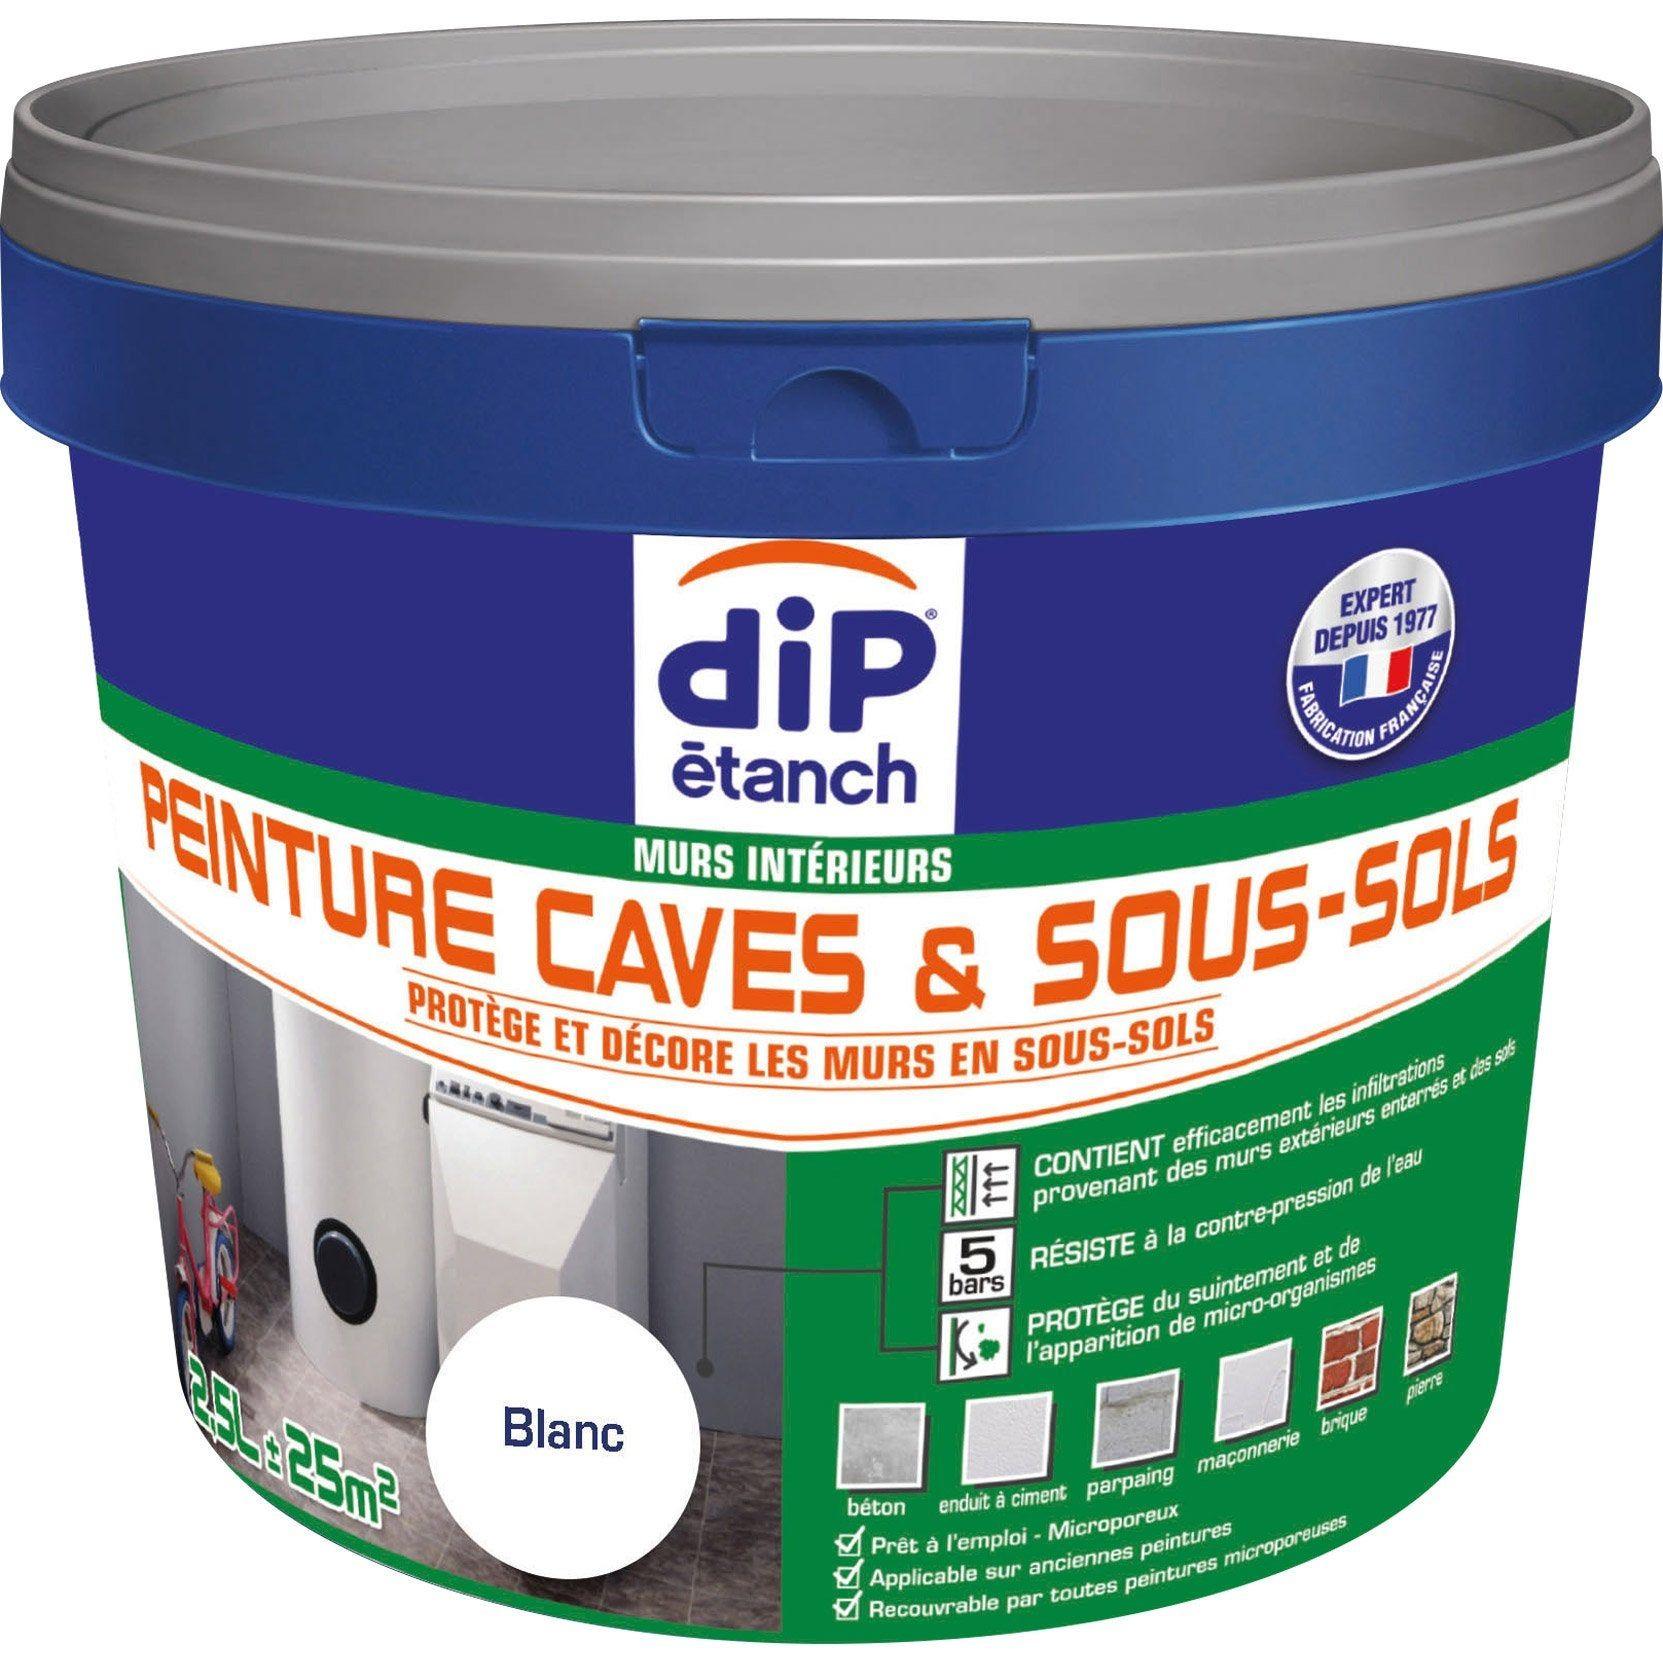 Peinture Cave Et Sol Peinture Cave Sous Sol Dip Blanc 2 5 L En 2020 Sous Sol Carrelage Et Etancheite